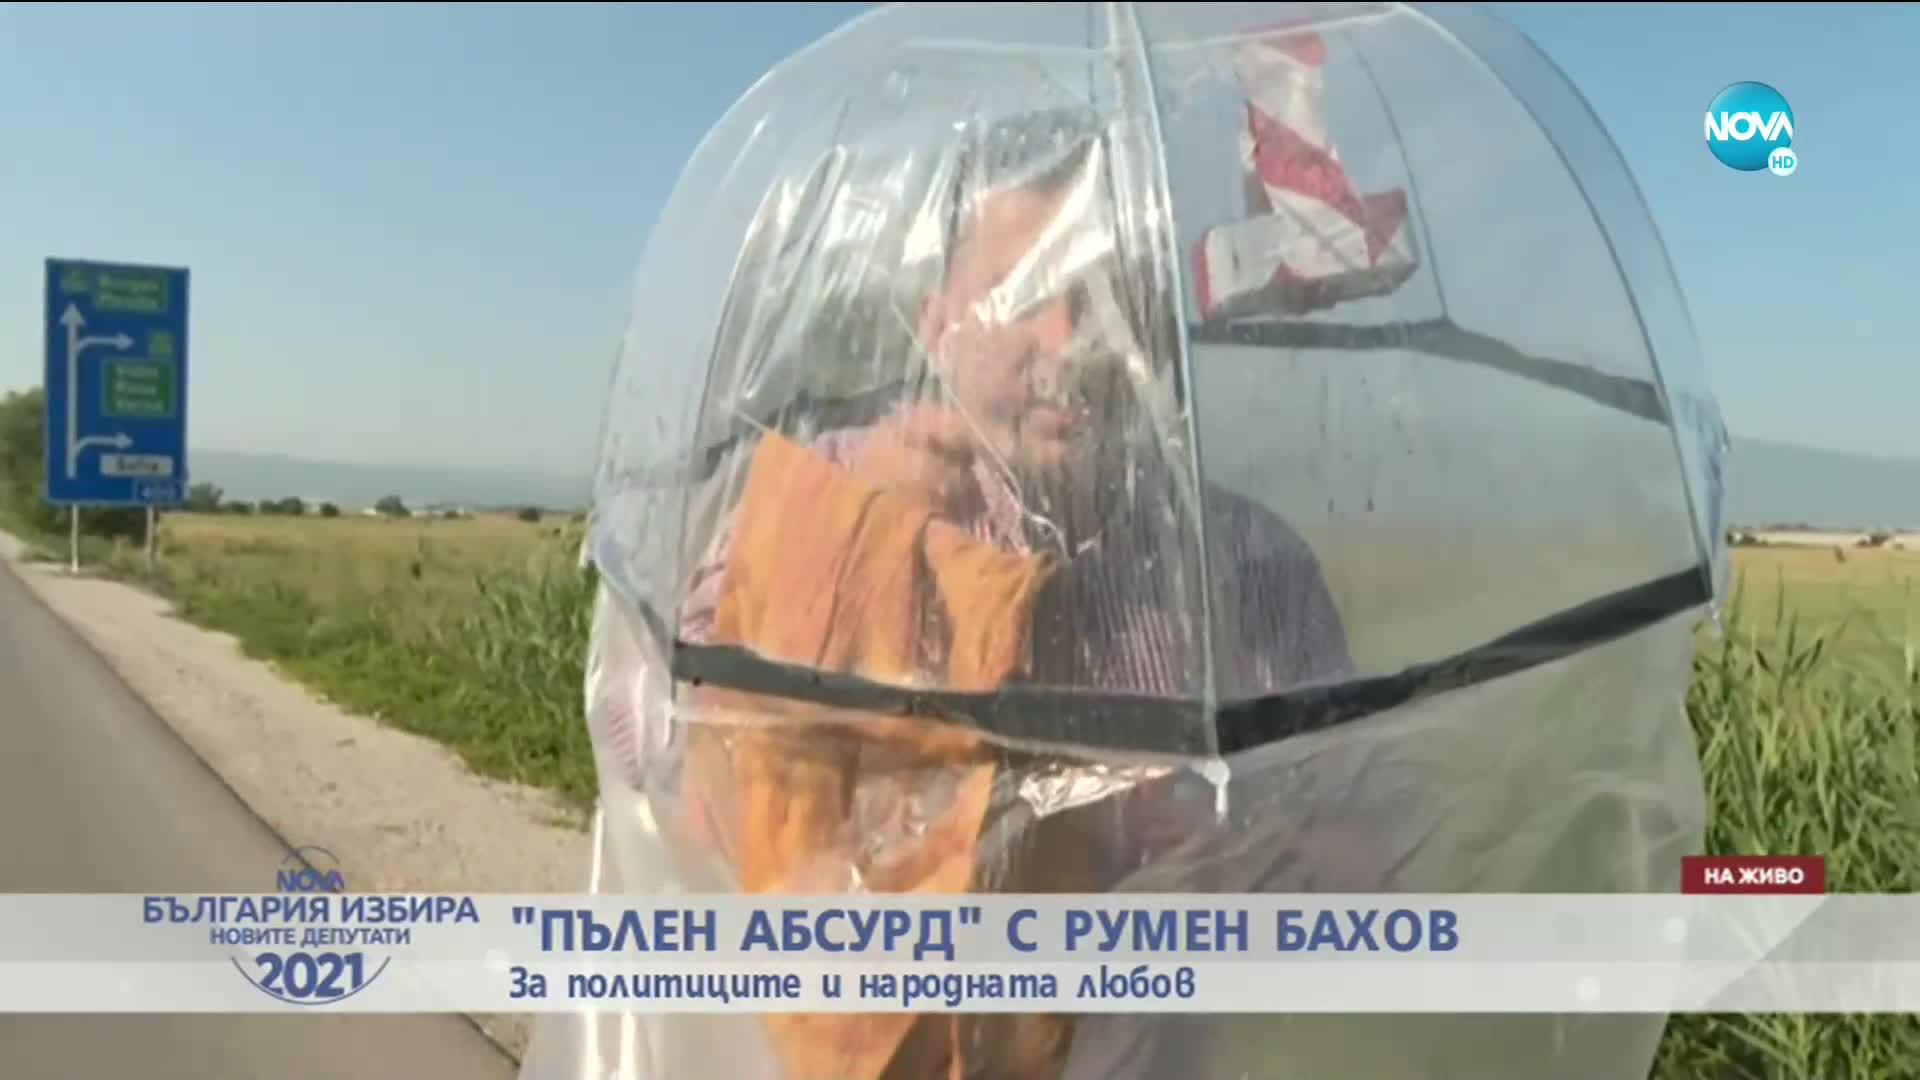 Румен Бахов с ново изобретение за политици (ВИДЕО)